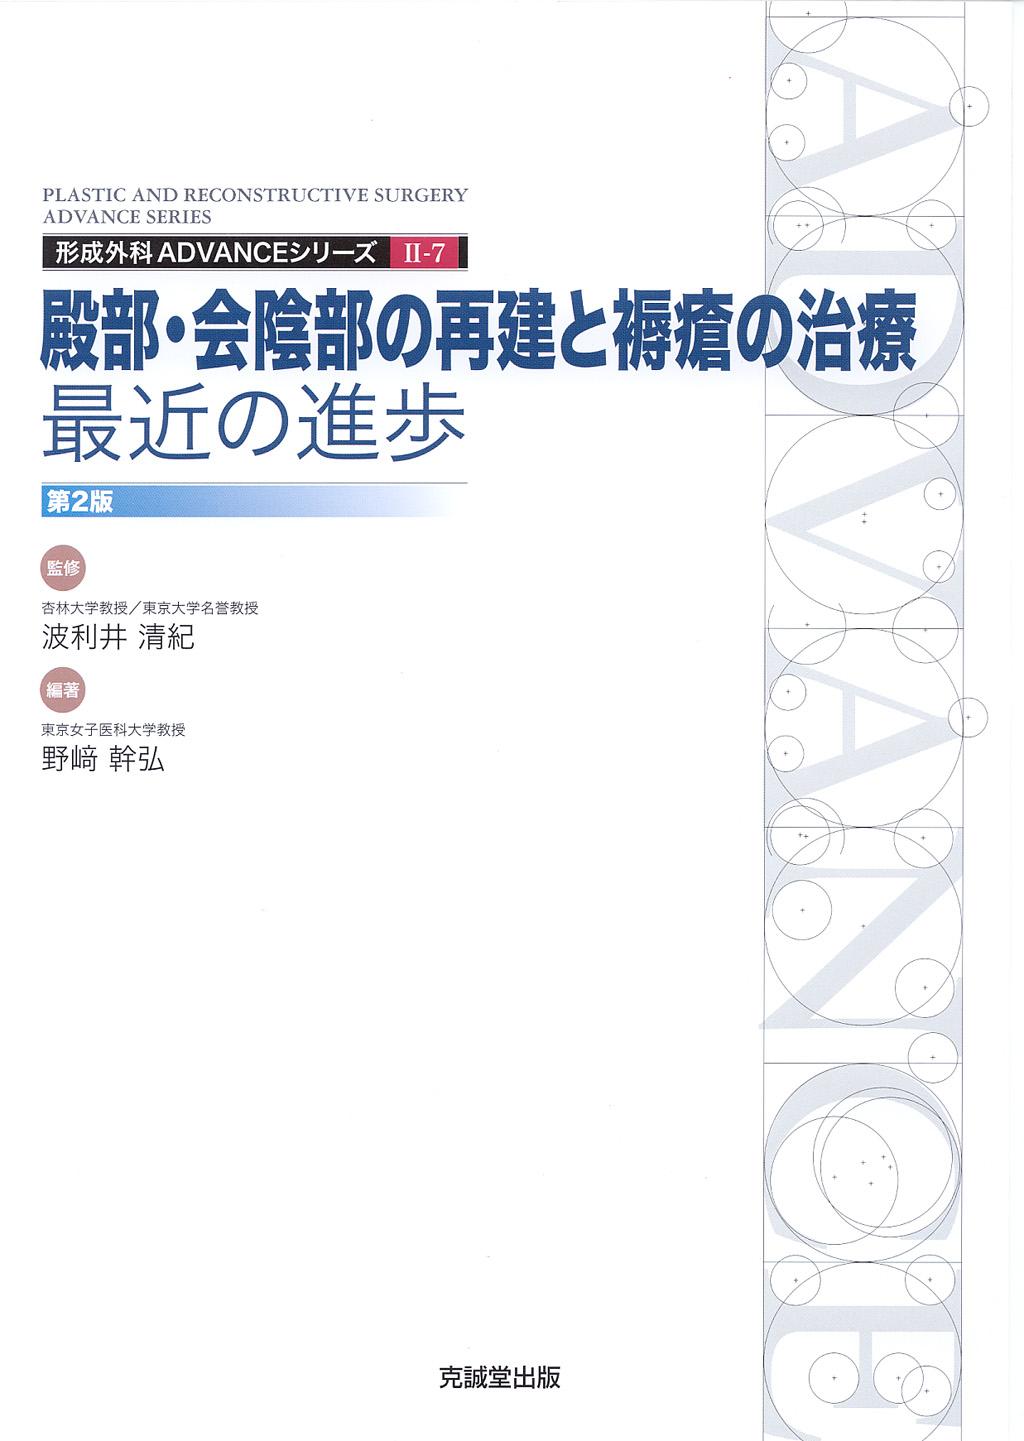 ADVANCE SERIES II-7 殿部・会陰部の再建と褥瘡の治療:最近の進歩 改訂第2版